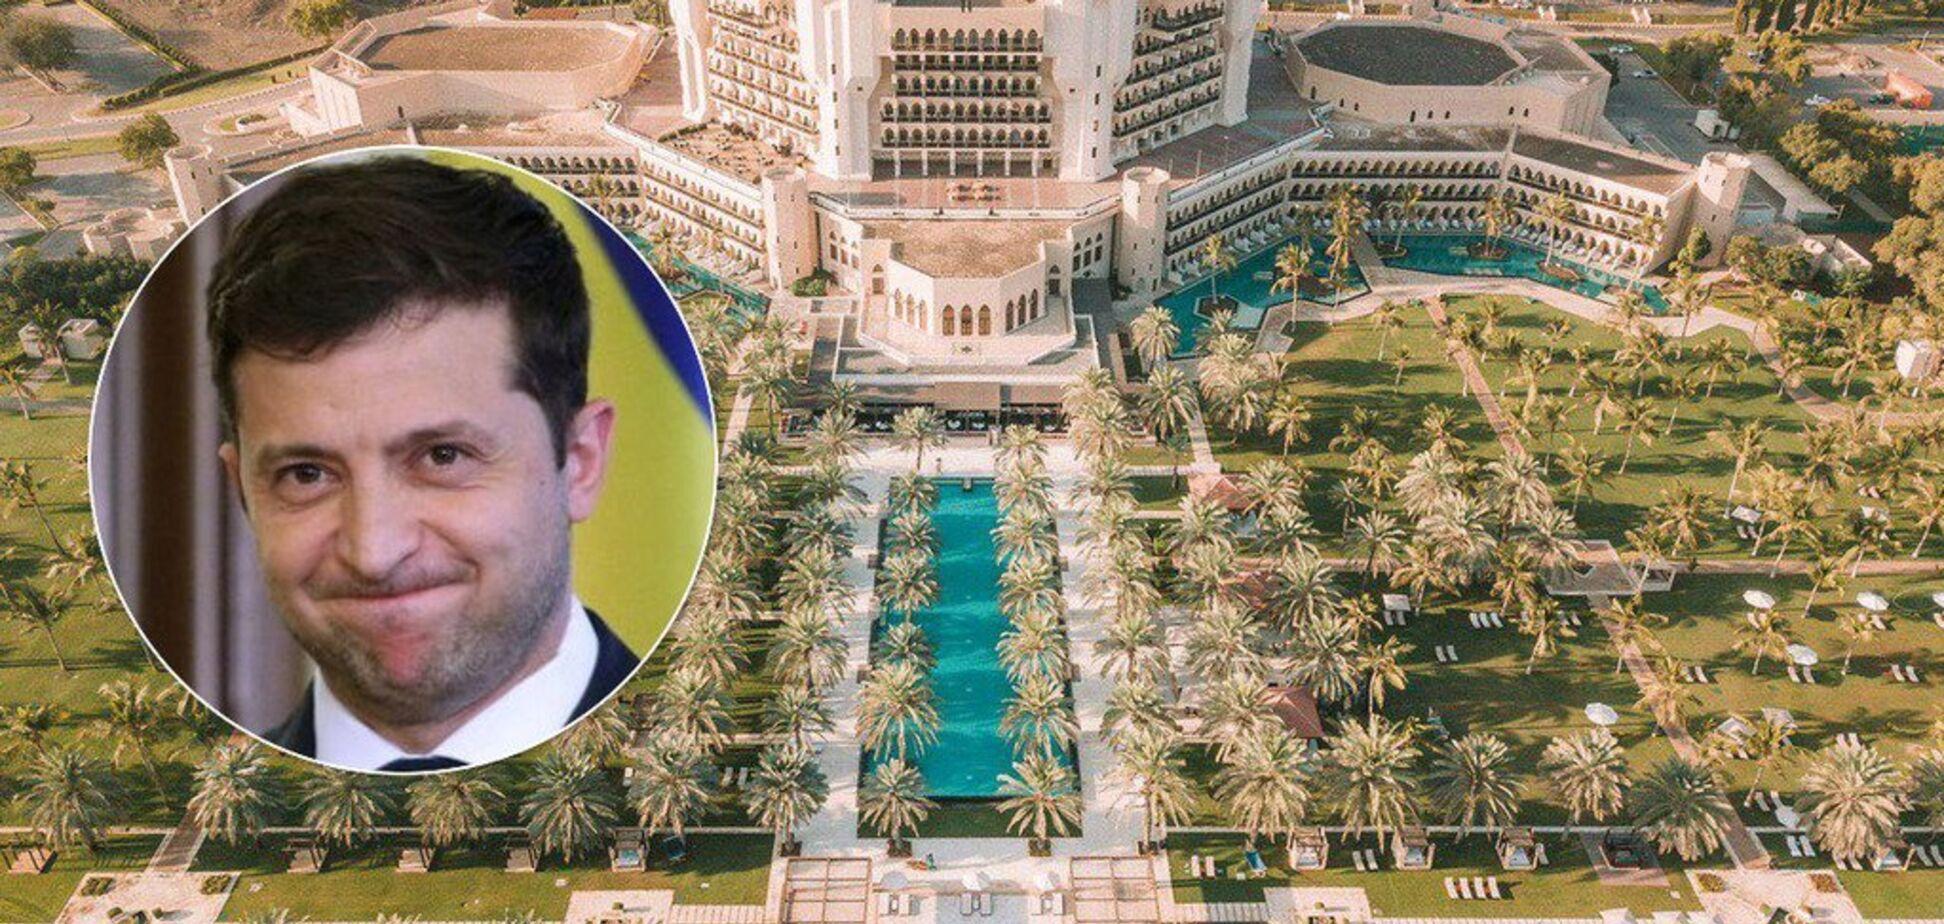 Зеленського засікли на березі Оману в 5-зірковому готелі: він виправдався. Фото відпочинку